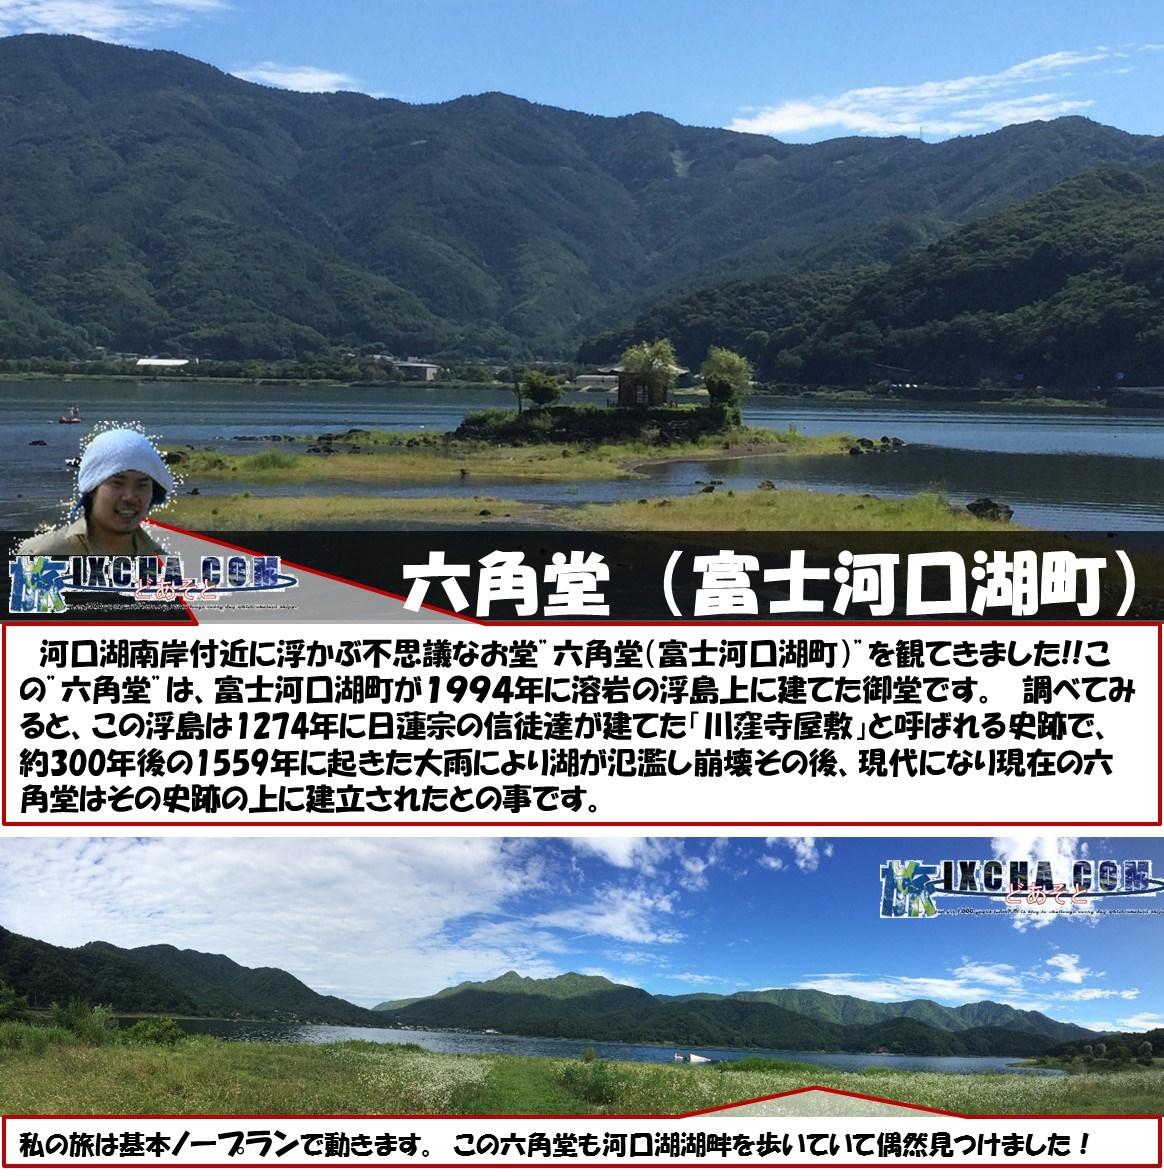 """六角堂 (富士河口湖町) 河口湖南岸付近に浮かぶ不思議なお堂""""六角堂(富士河口湖町)""""を観てきました!!この""""六角堂""""は、富士河口湖町が1994年に溶岩の浮島上に建てた御堂です。 調べてみると、この浮島は1274年に日蓮宗の信徒達が建てた「川窪寺屋敷」と呼ばれる史跡で、約300年後の1559年に起きた大雨により湖が氾濫し崩壊その後、現代になり現在の六角堂はその史跡の上に建立されたとの事です。 私の旅は基本ノープランで動きます。 この六角堂も河口湖湖畔を歩いていて偶然見つけました!"""